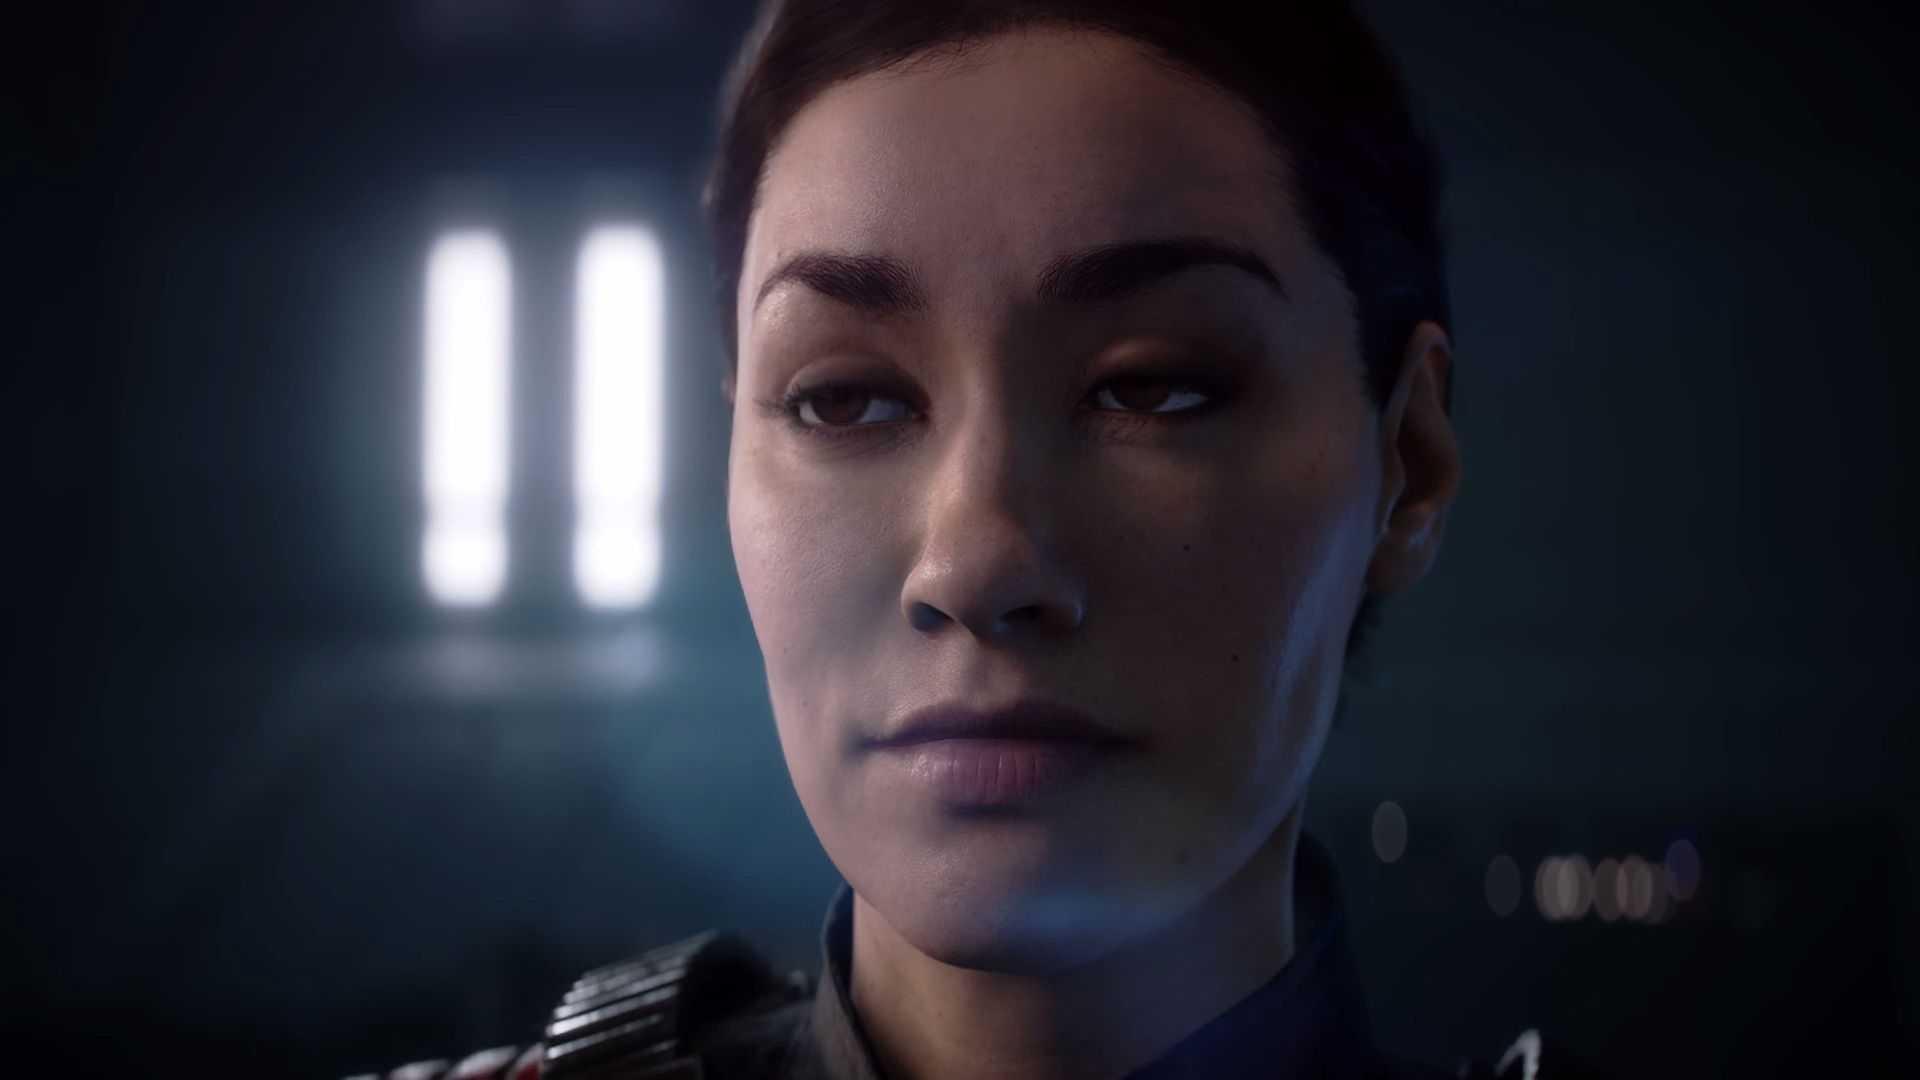 После того, как Epic выдала Star Wars Battlefront 2, серверы вышли из строя.